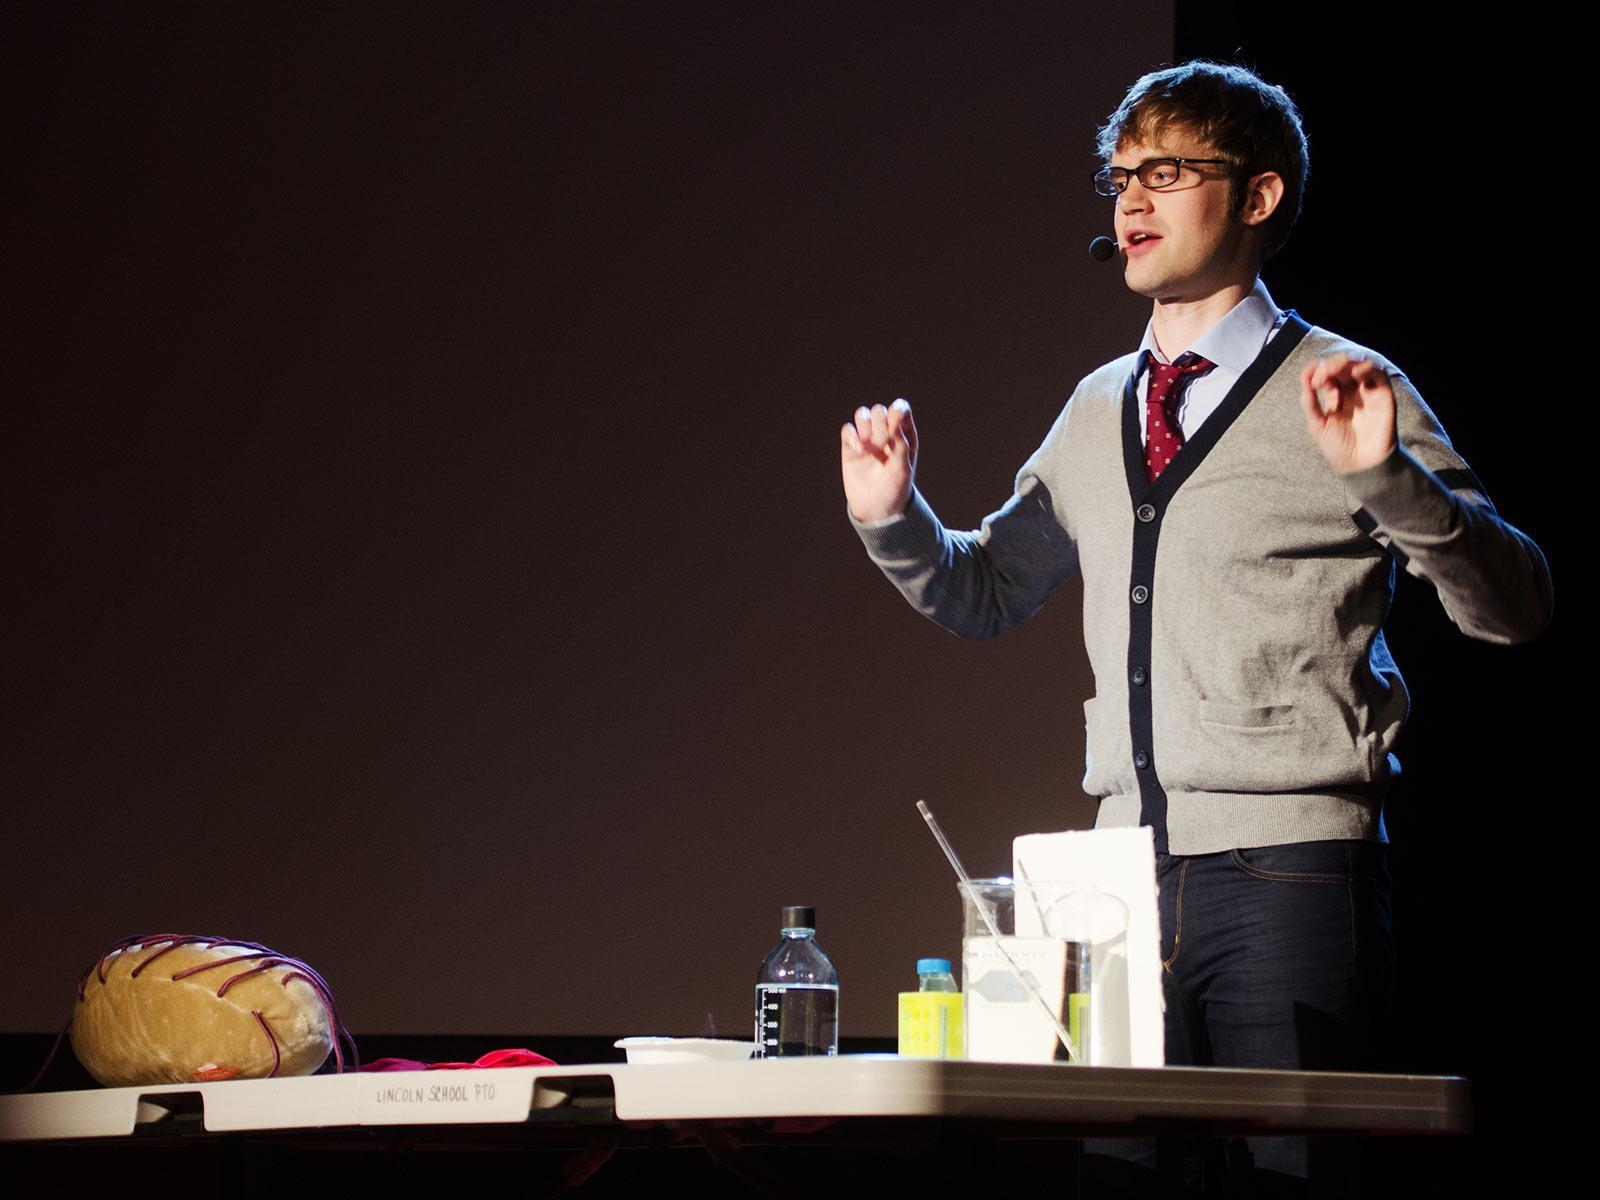 سخنرانی تد : تایلر دویت: معلمهای علوم! — درس را با شوخی مخلوط کنید